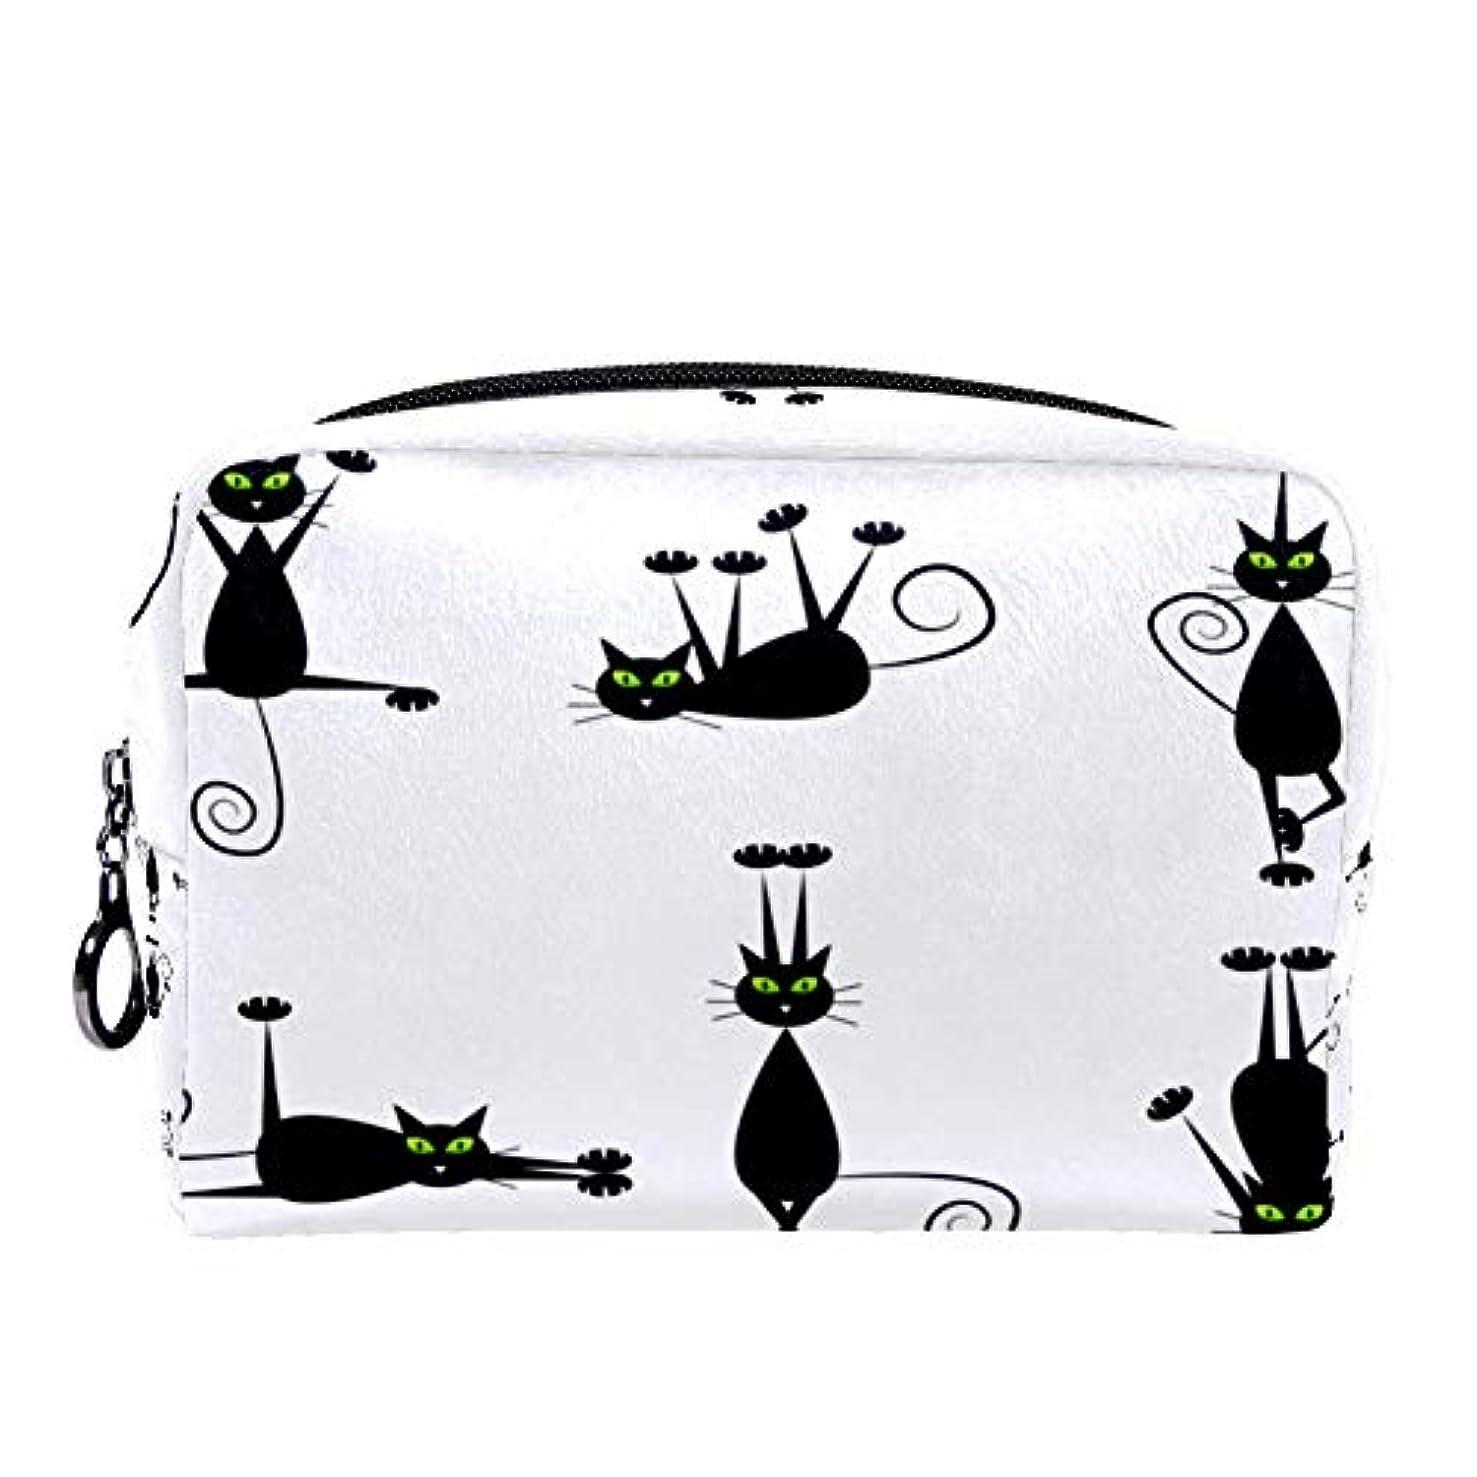 隔離するデンプシー無数のDragon Sword 化粧ポーチ レディース 黒い 猫柄 コスメポーチ メイクポーチ 柔らかい コンパクト 軽量 化粧品収納 小物ポーチ出張 旅行 持ち運び便利